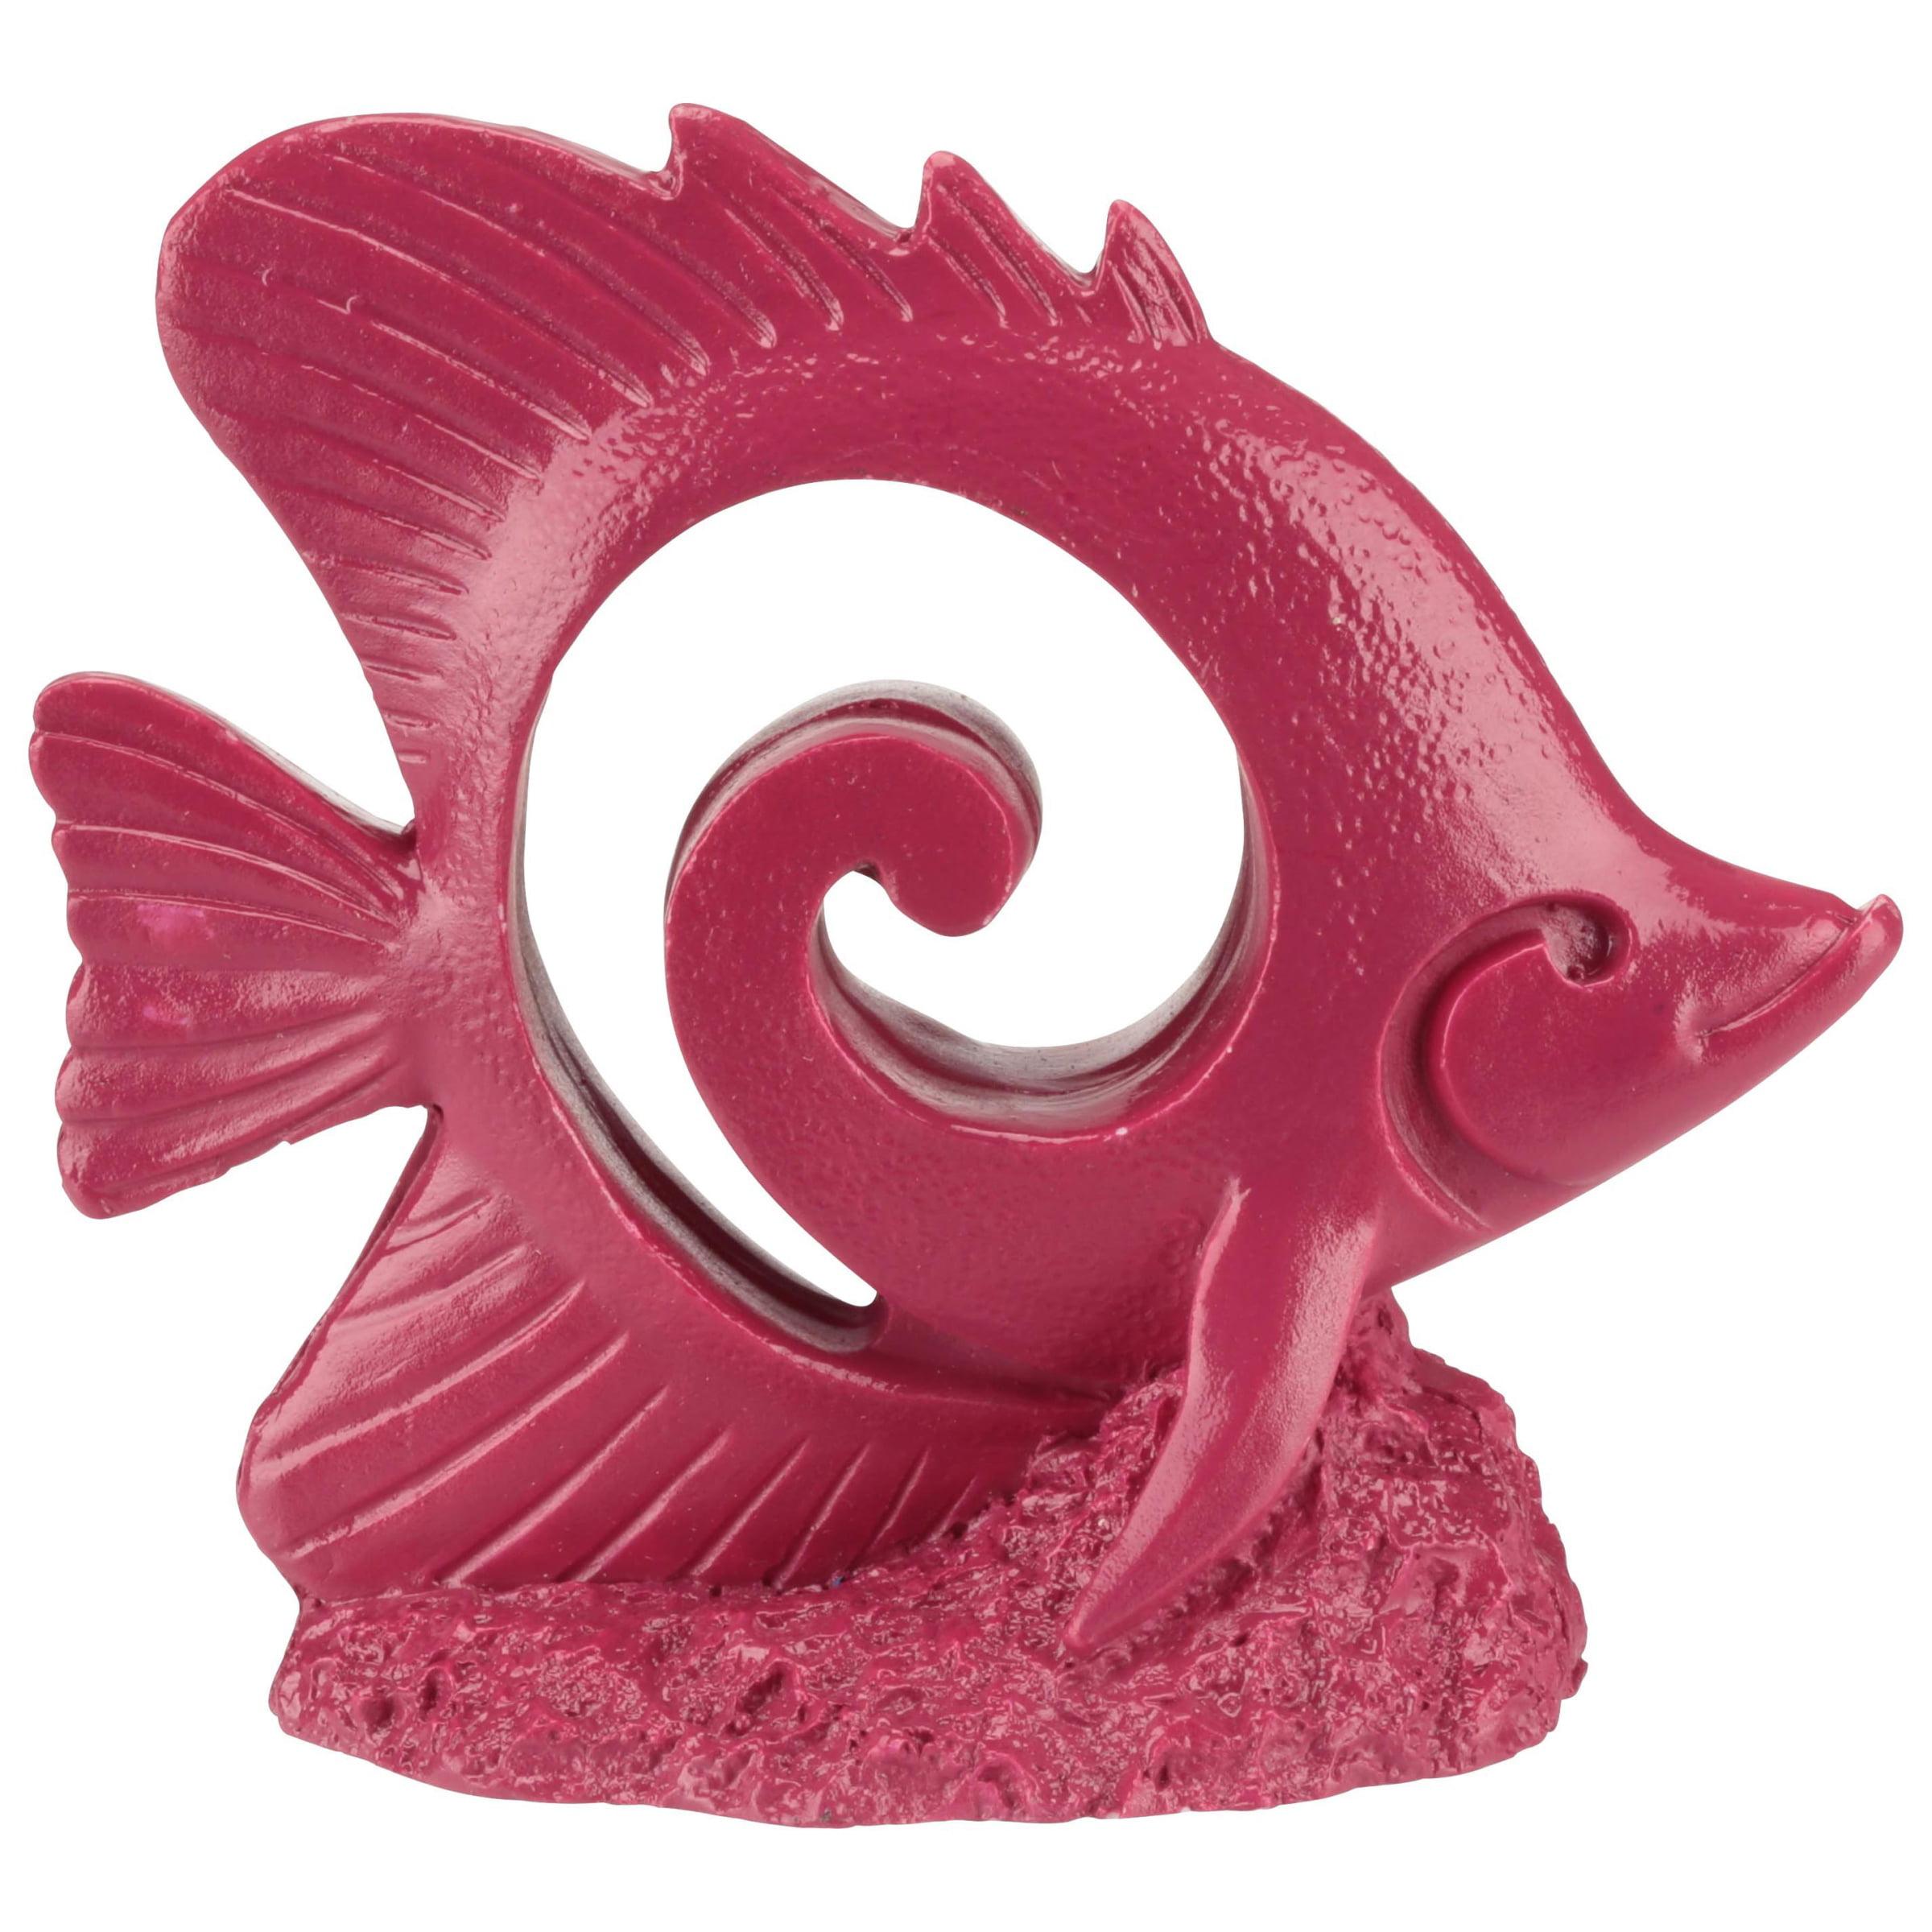 (2 Pack) Aqua Culture Neon Fish Aquarium Ornament